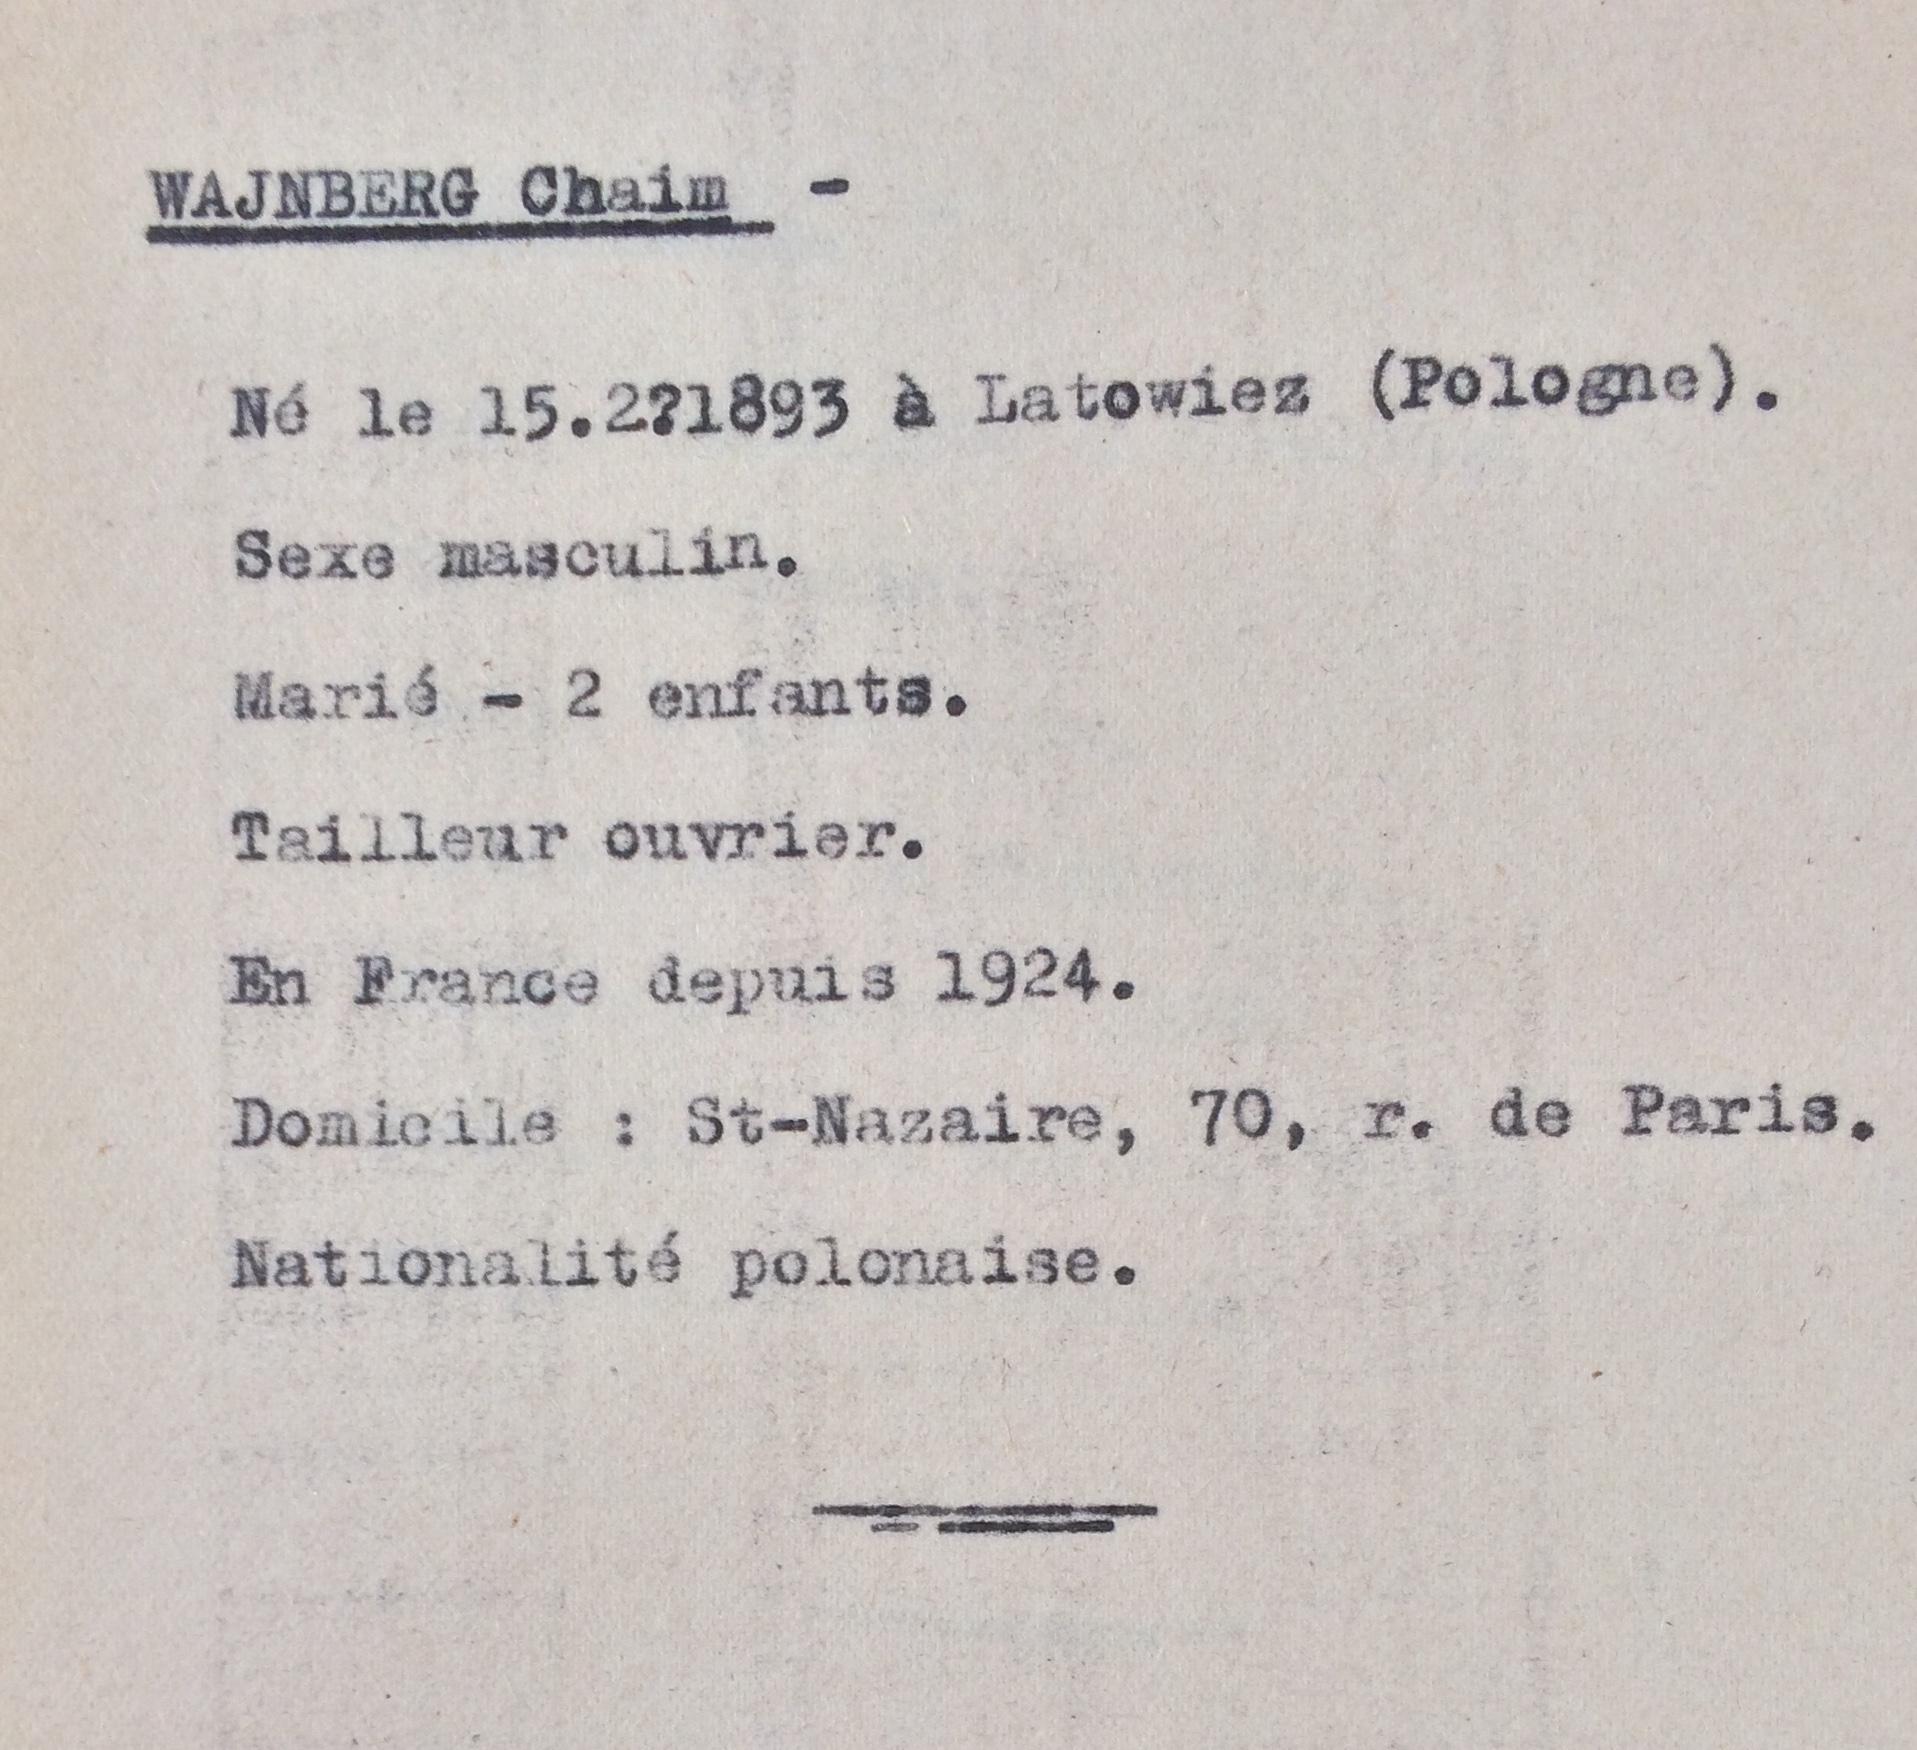 Recensement Polonais/Slovaques/Allemands/Autrichiens [ADLA 1694W25]